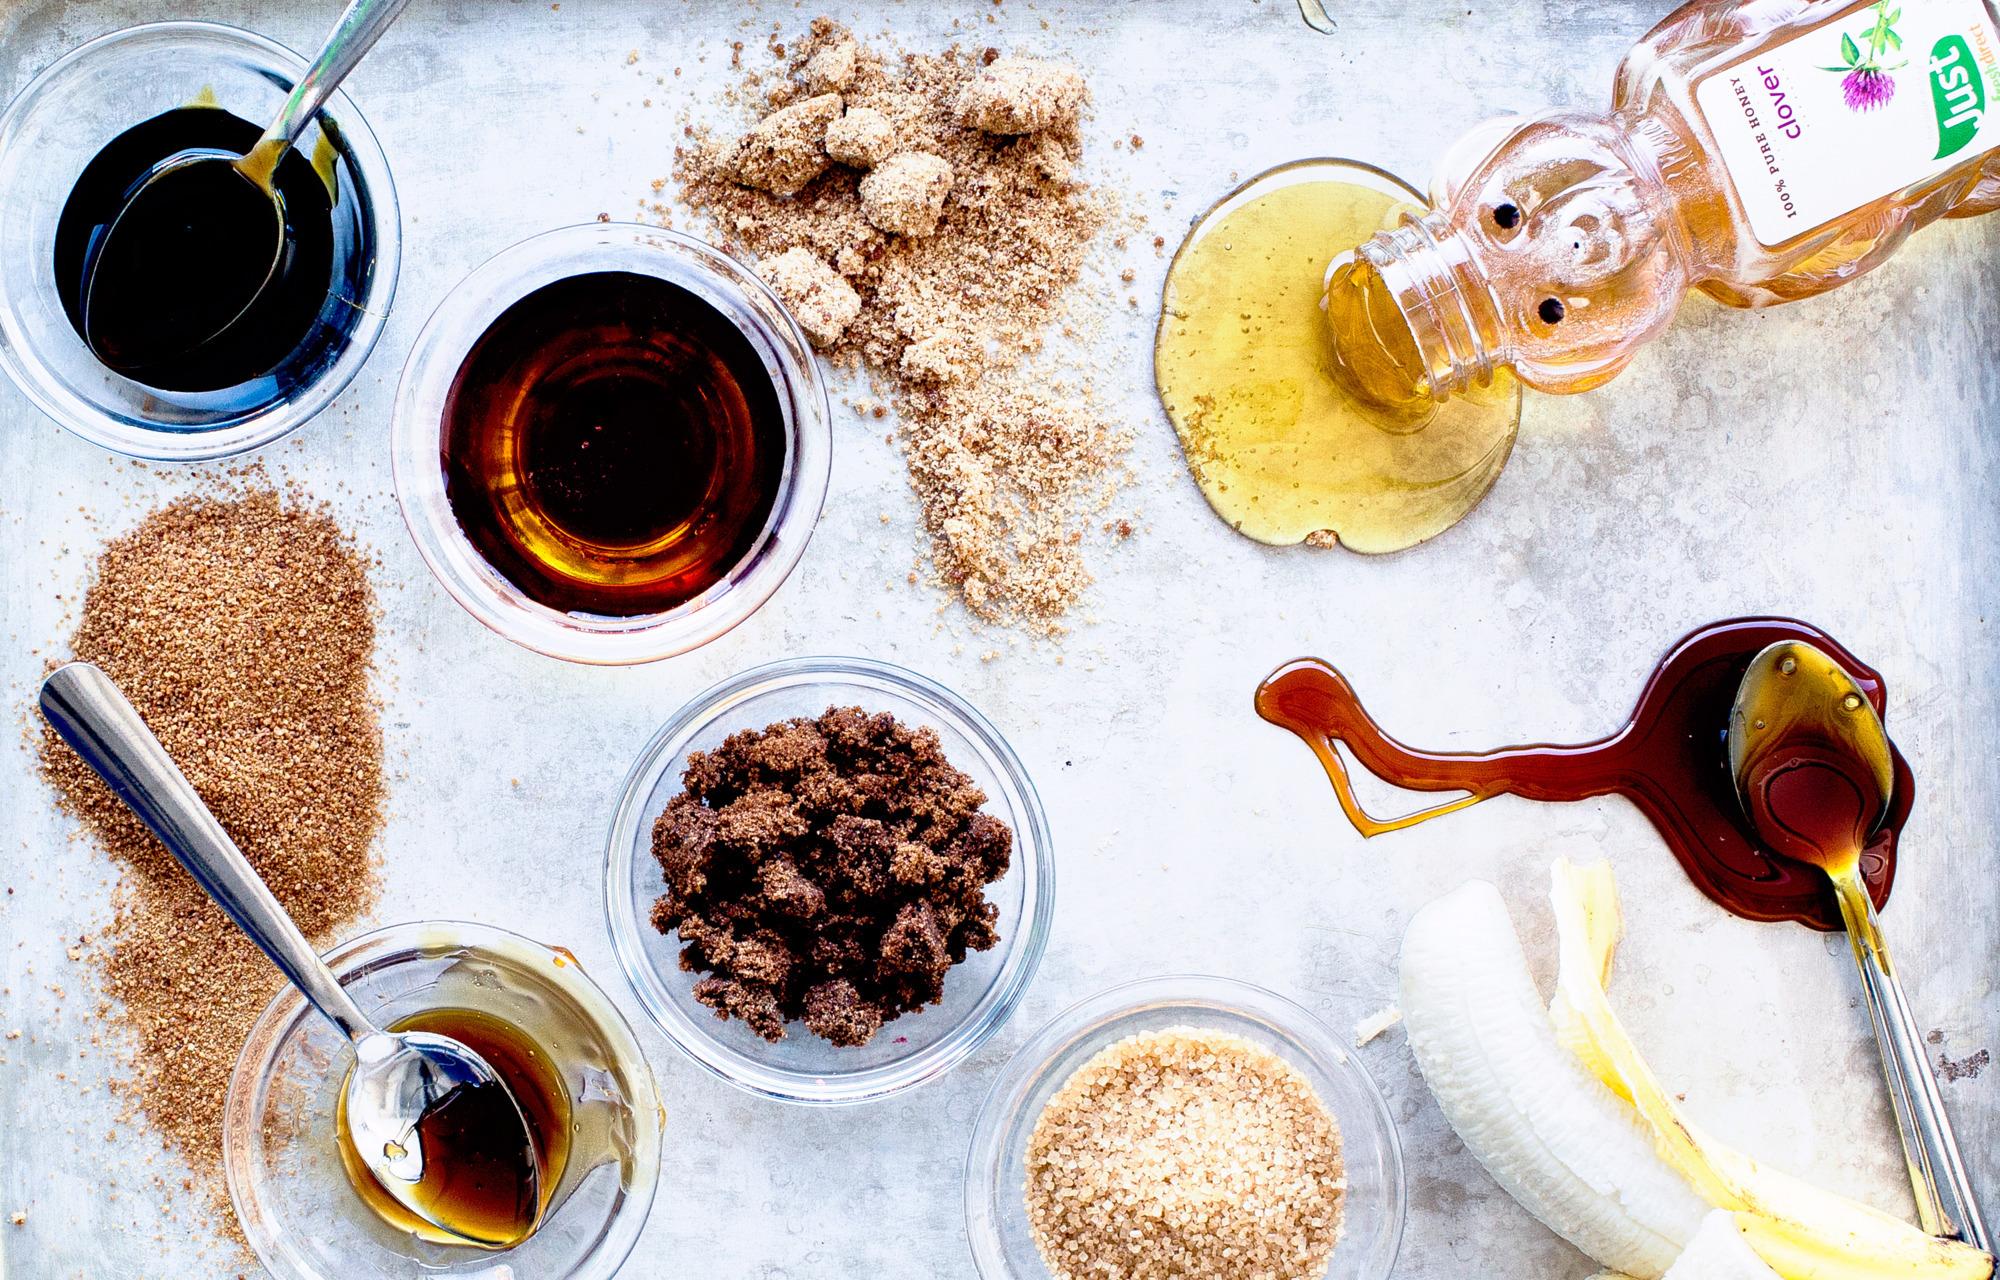 Сахарозаменители – обзор, польза натуральных заменителей сахара